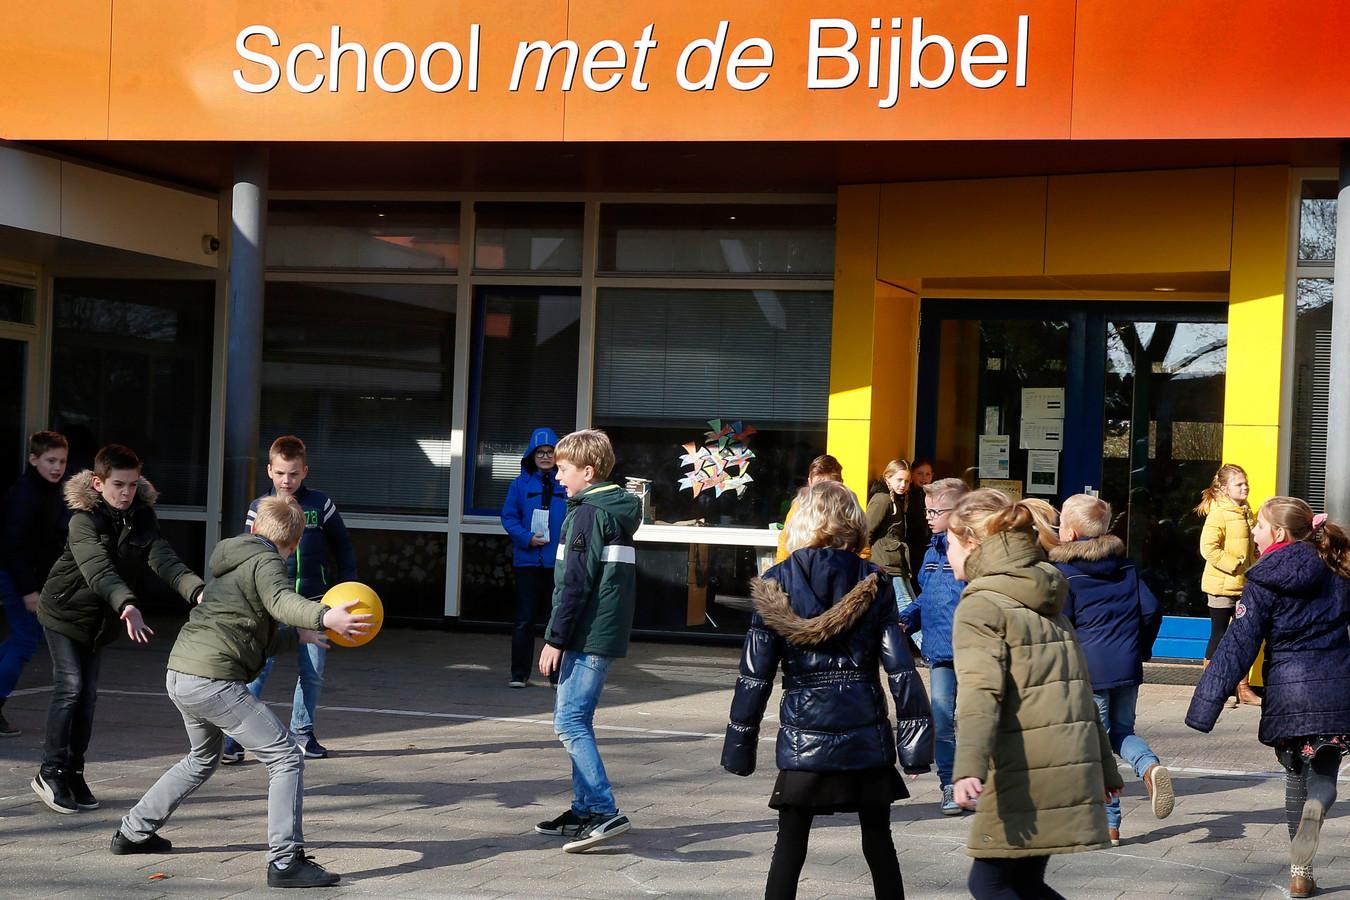 De gemeente Molenlanden is bereid om maximaal 250.000 euro uit te trekken voor de uitbreiding van de School met de Bijbel.